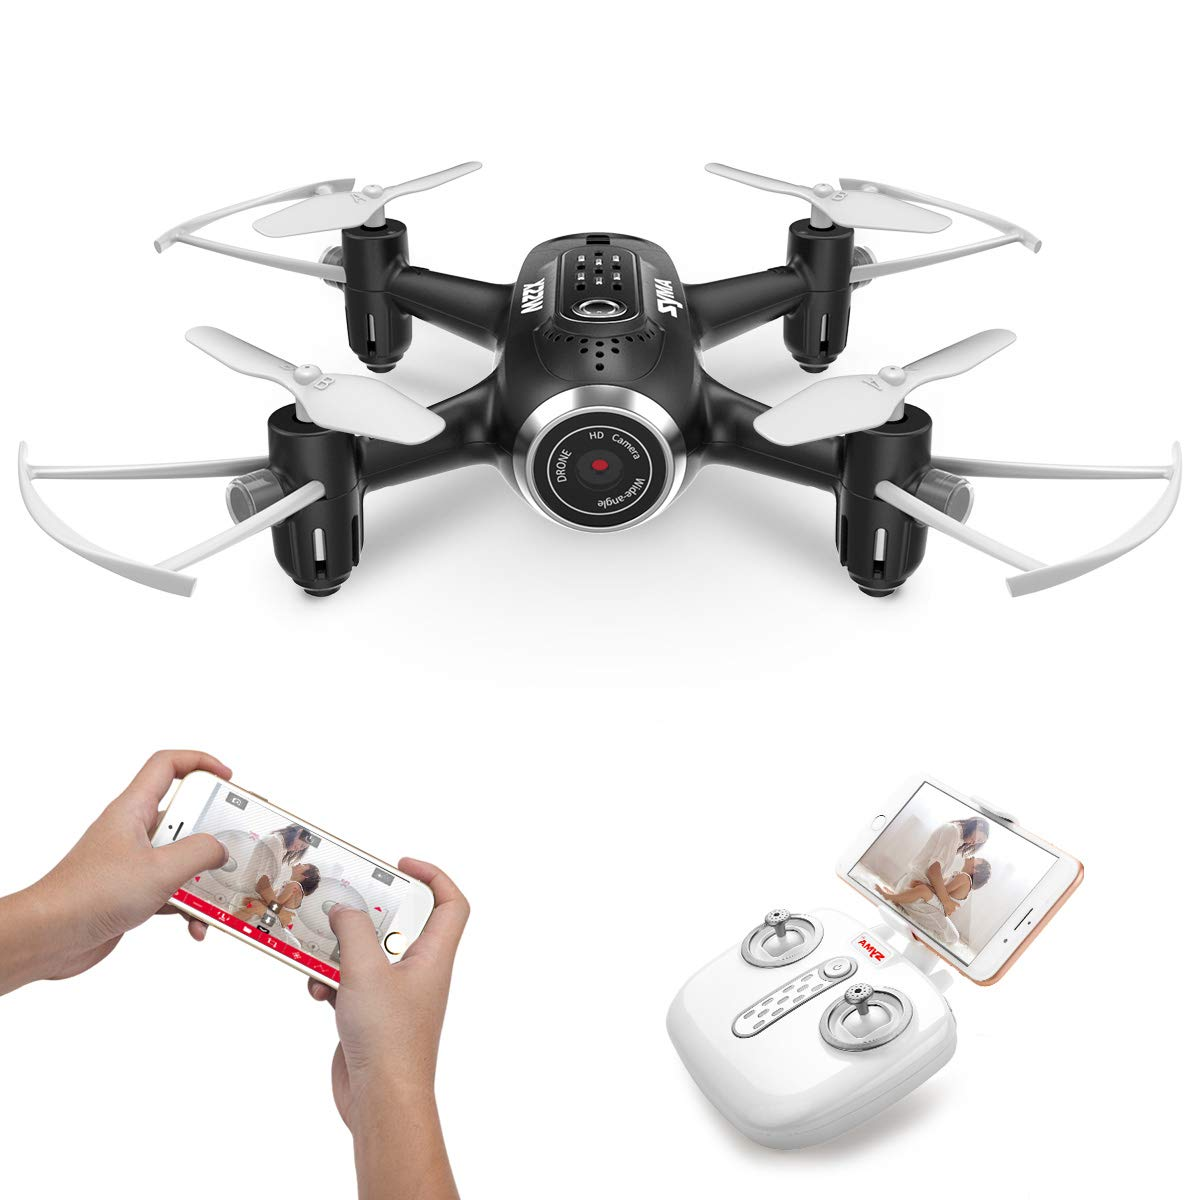 DoDoeleph Mini Drohne Mit Kamera, SYMA X22W Mini Drohne für Kinder Live Übertragung FPV Ferngesteuerter Quadrocopter, Eine Taste Start Landung Höhehalte Funktion Headless Modus Für Anfänger(schwarz )